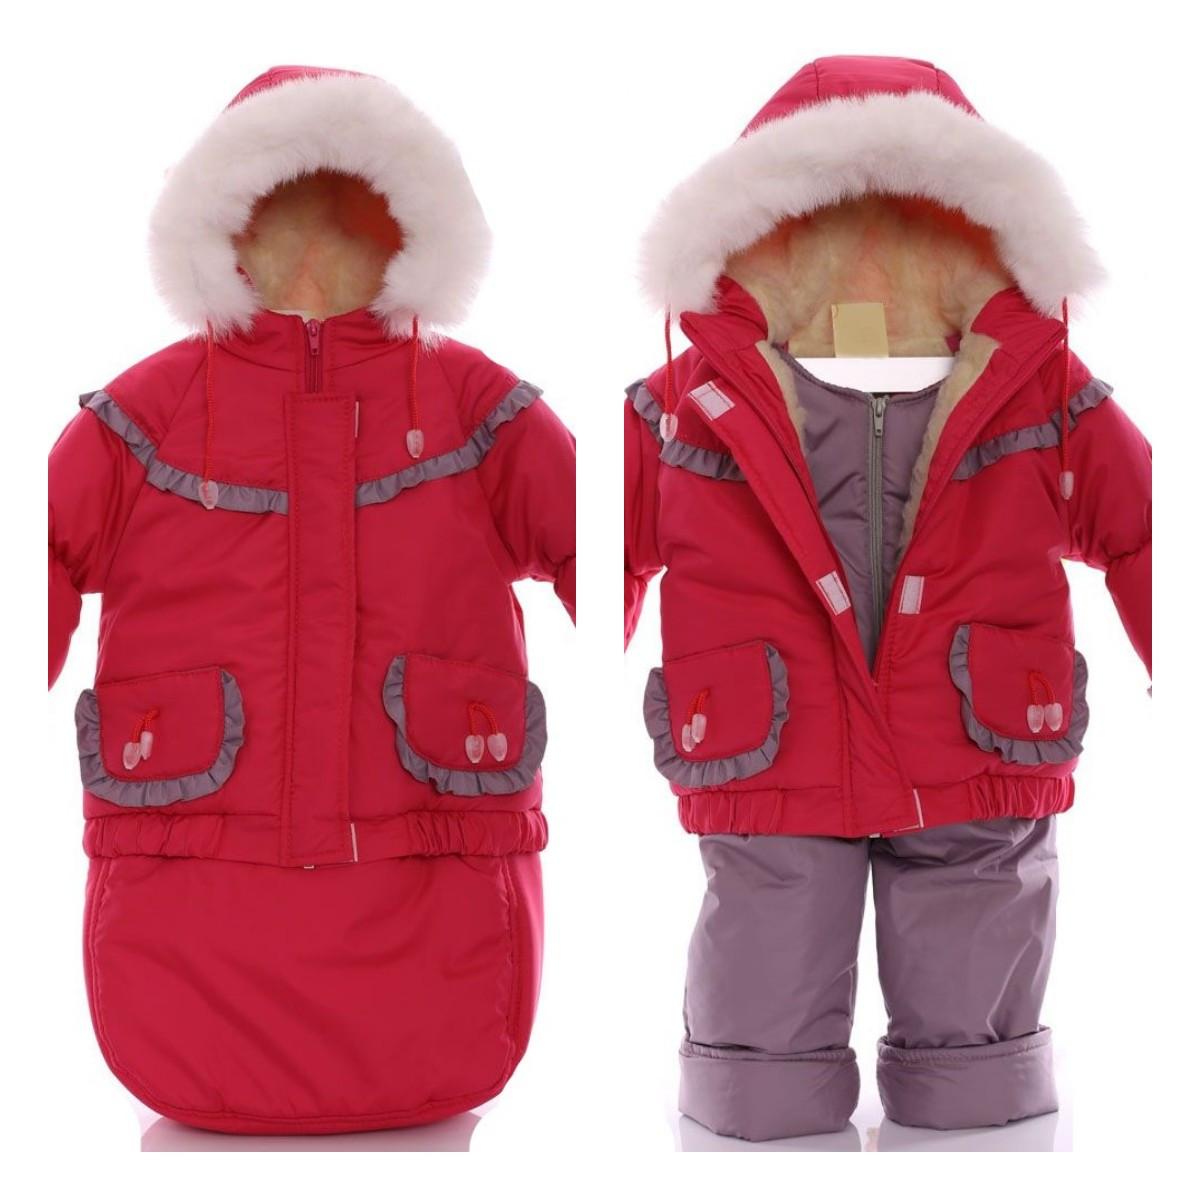 Детский костюм-тройка (конверт+курточка+полукомбинезон) светло малиновый